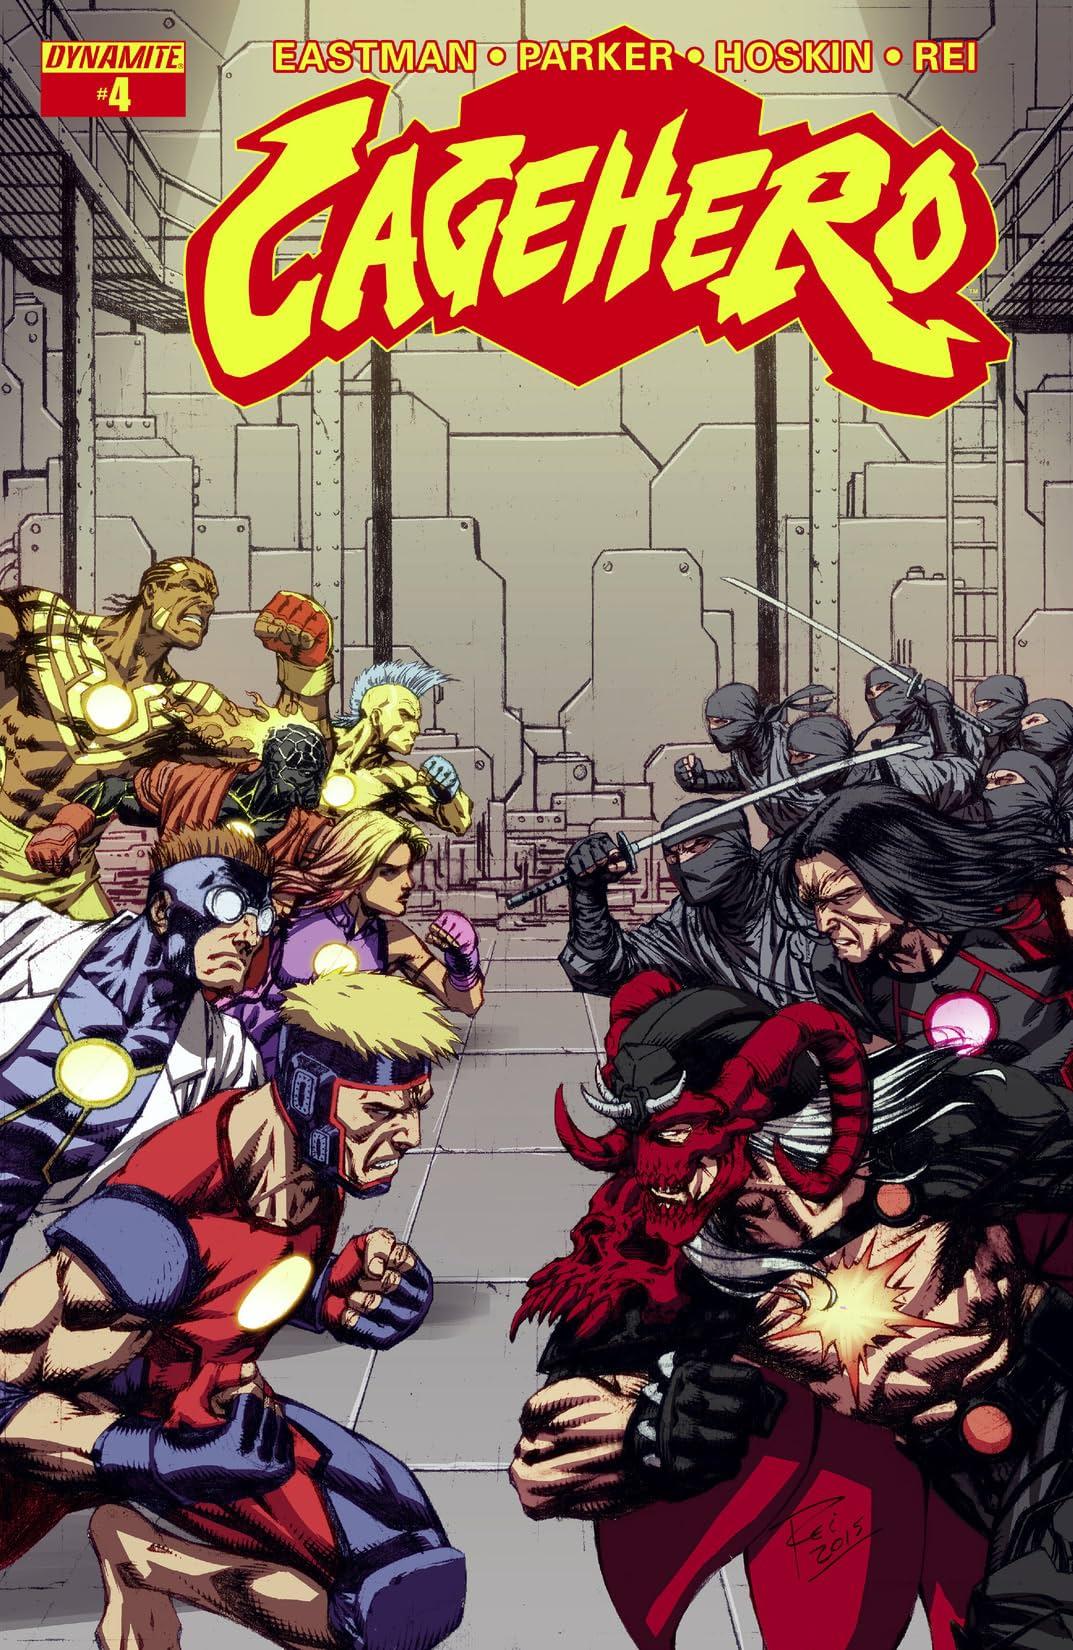 Cage Hero #4: Digital Exclusive Edition